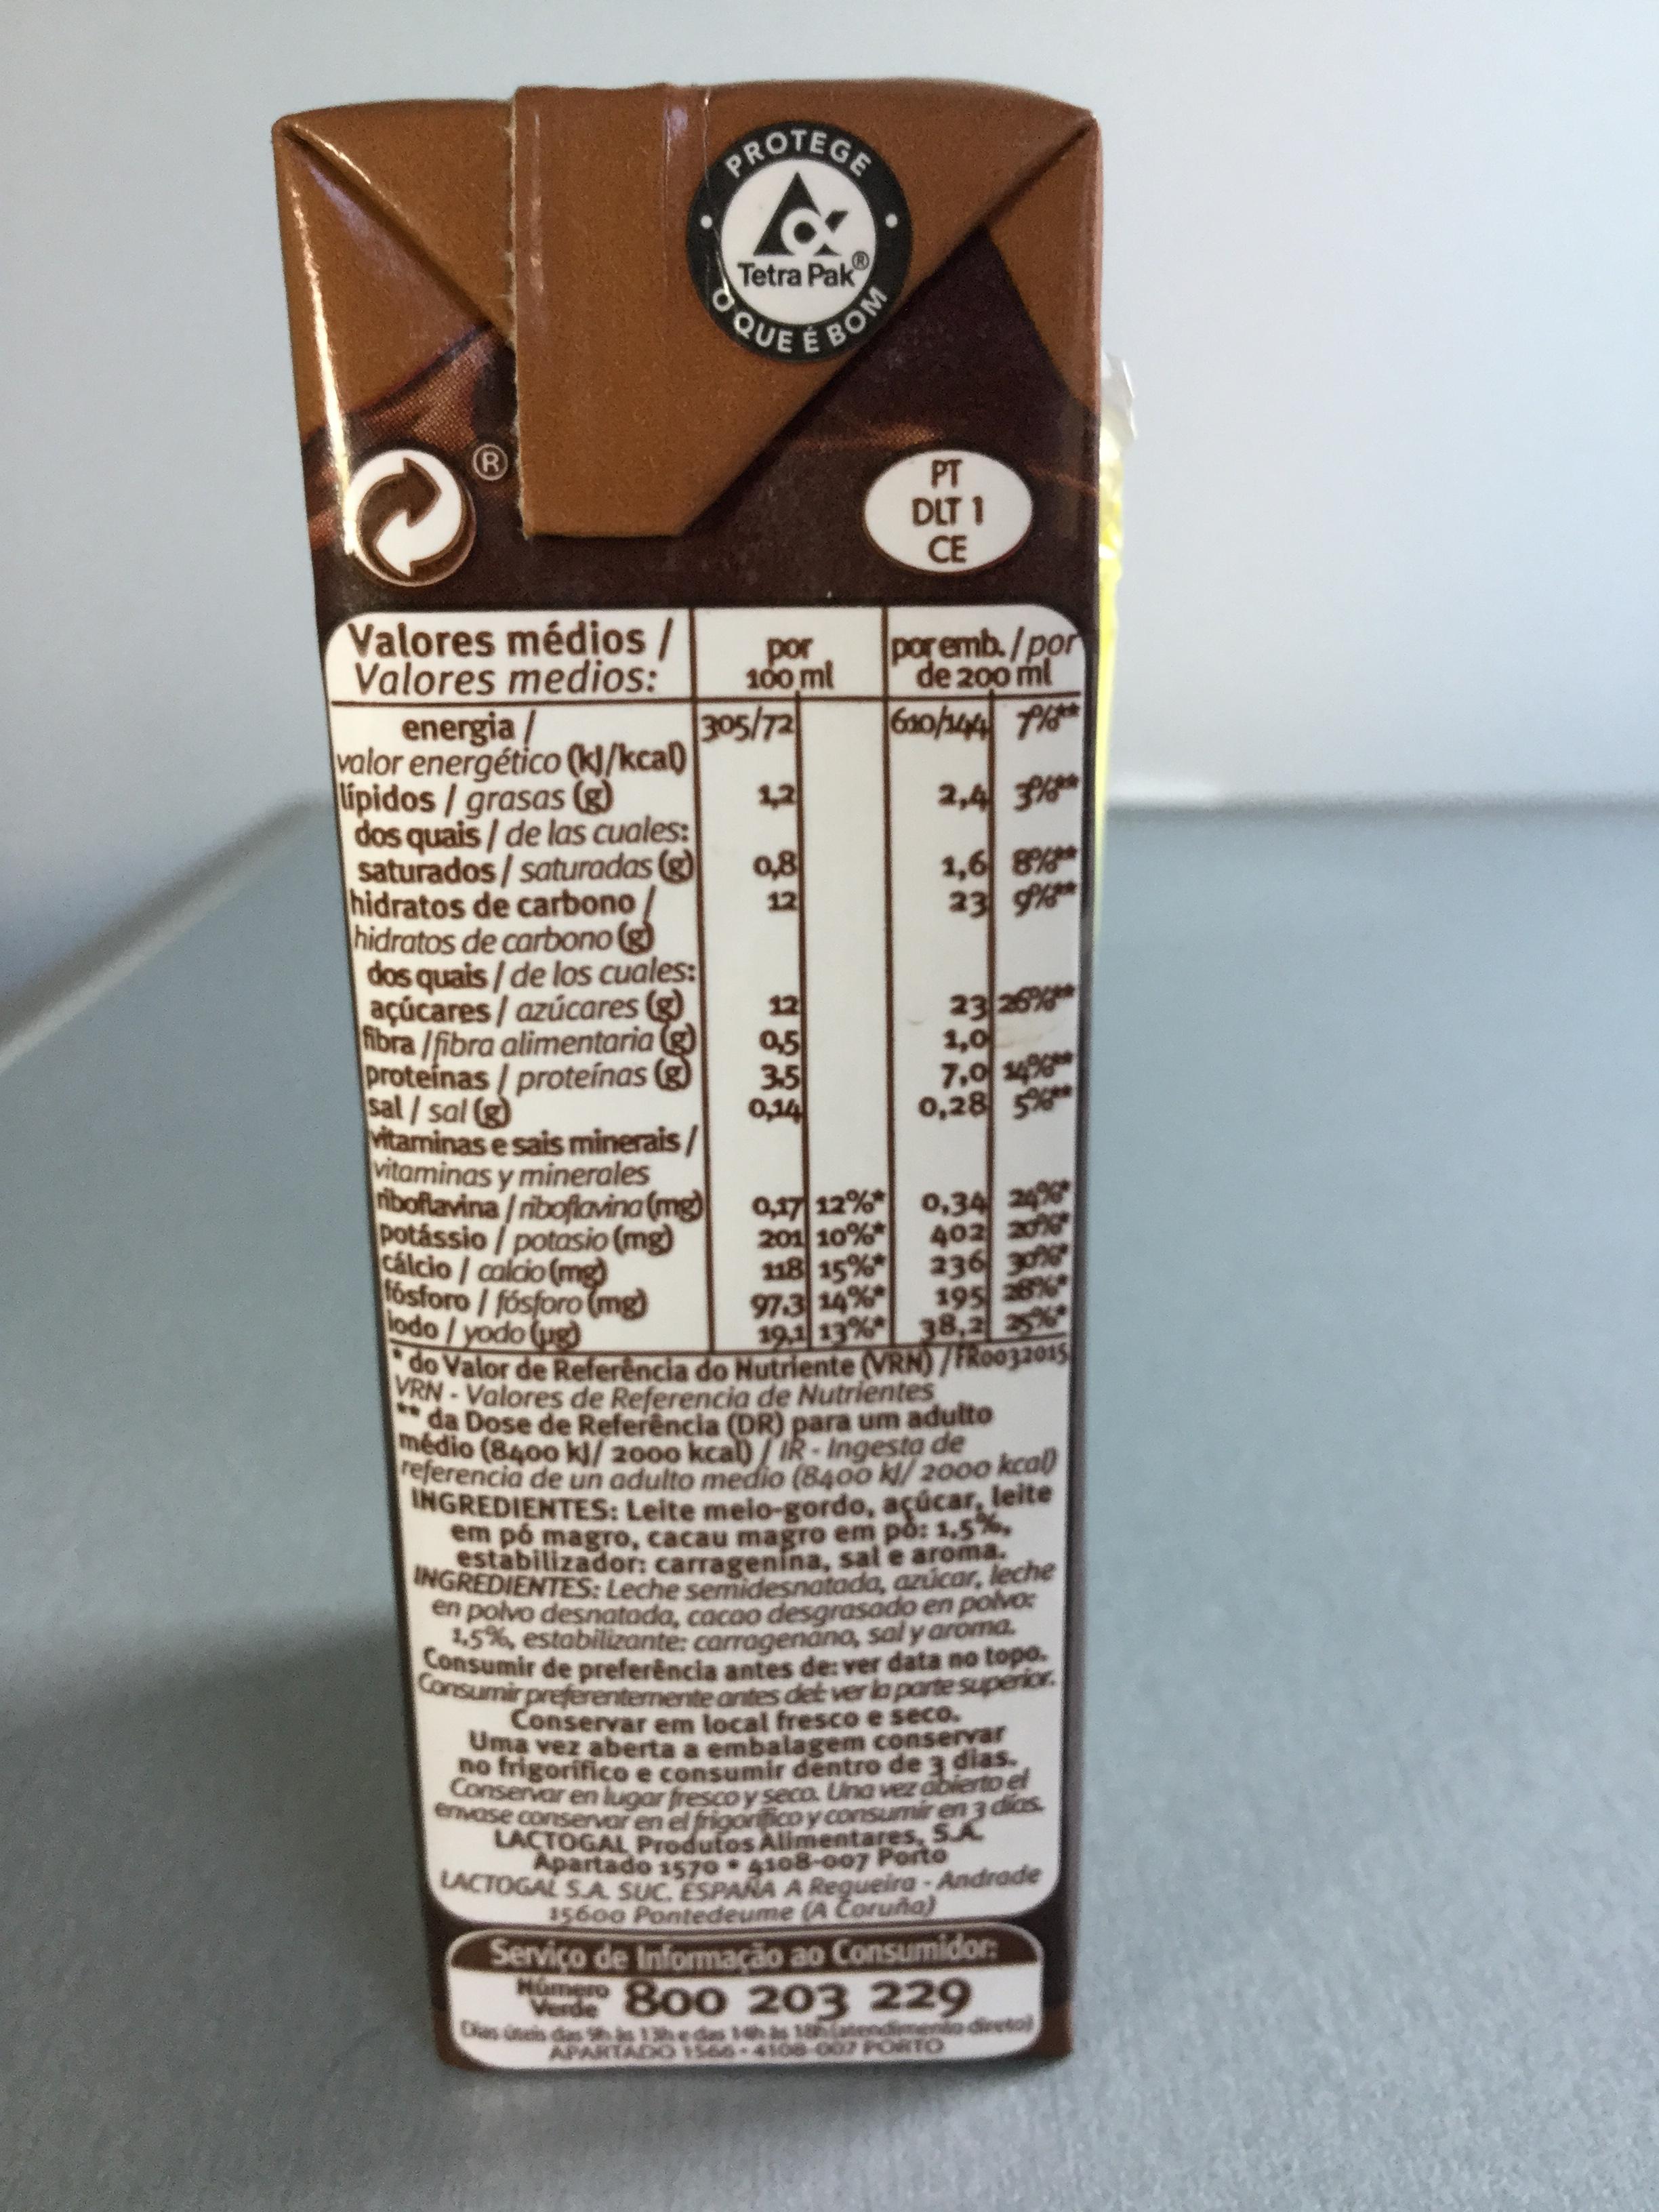 Agros Leite Com Chocolate Side 1